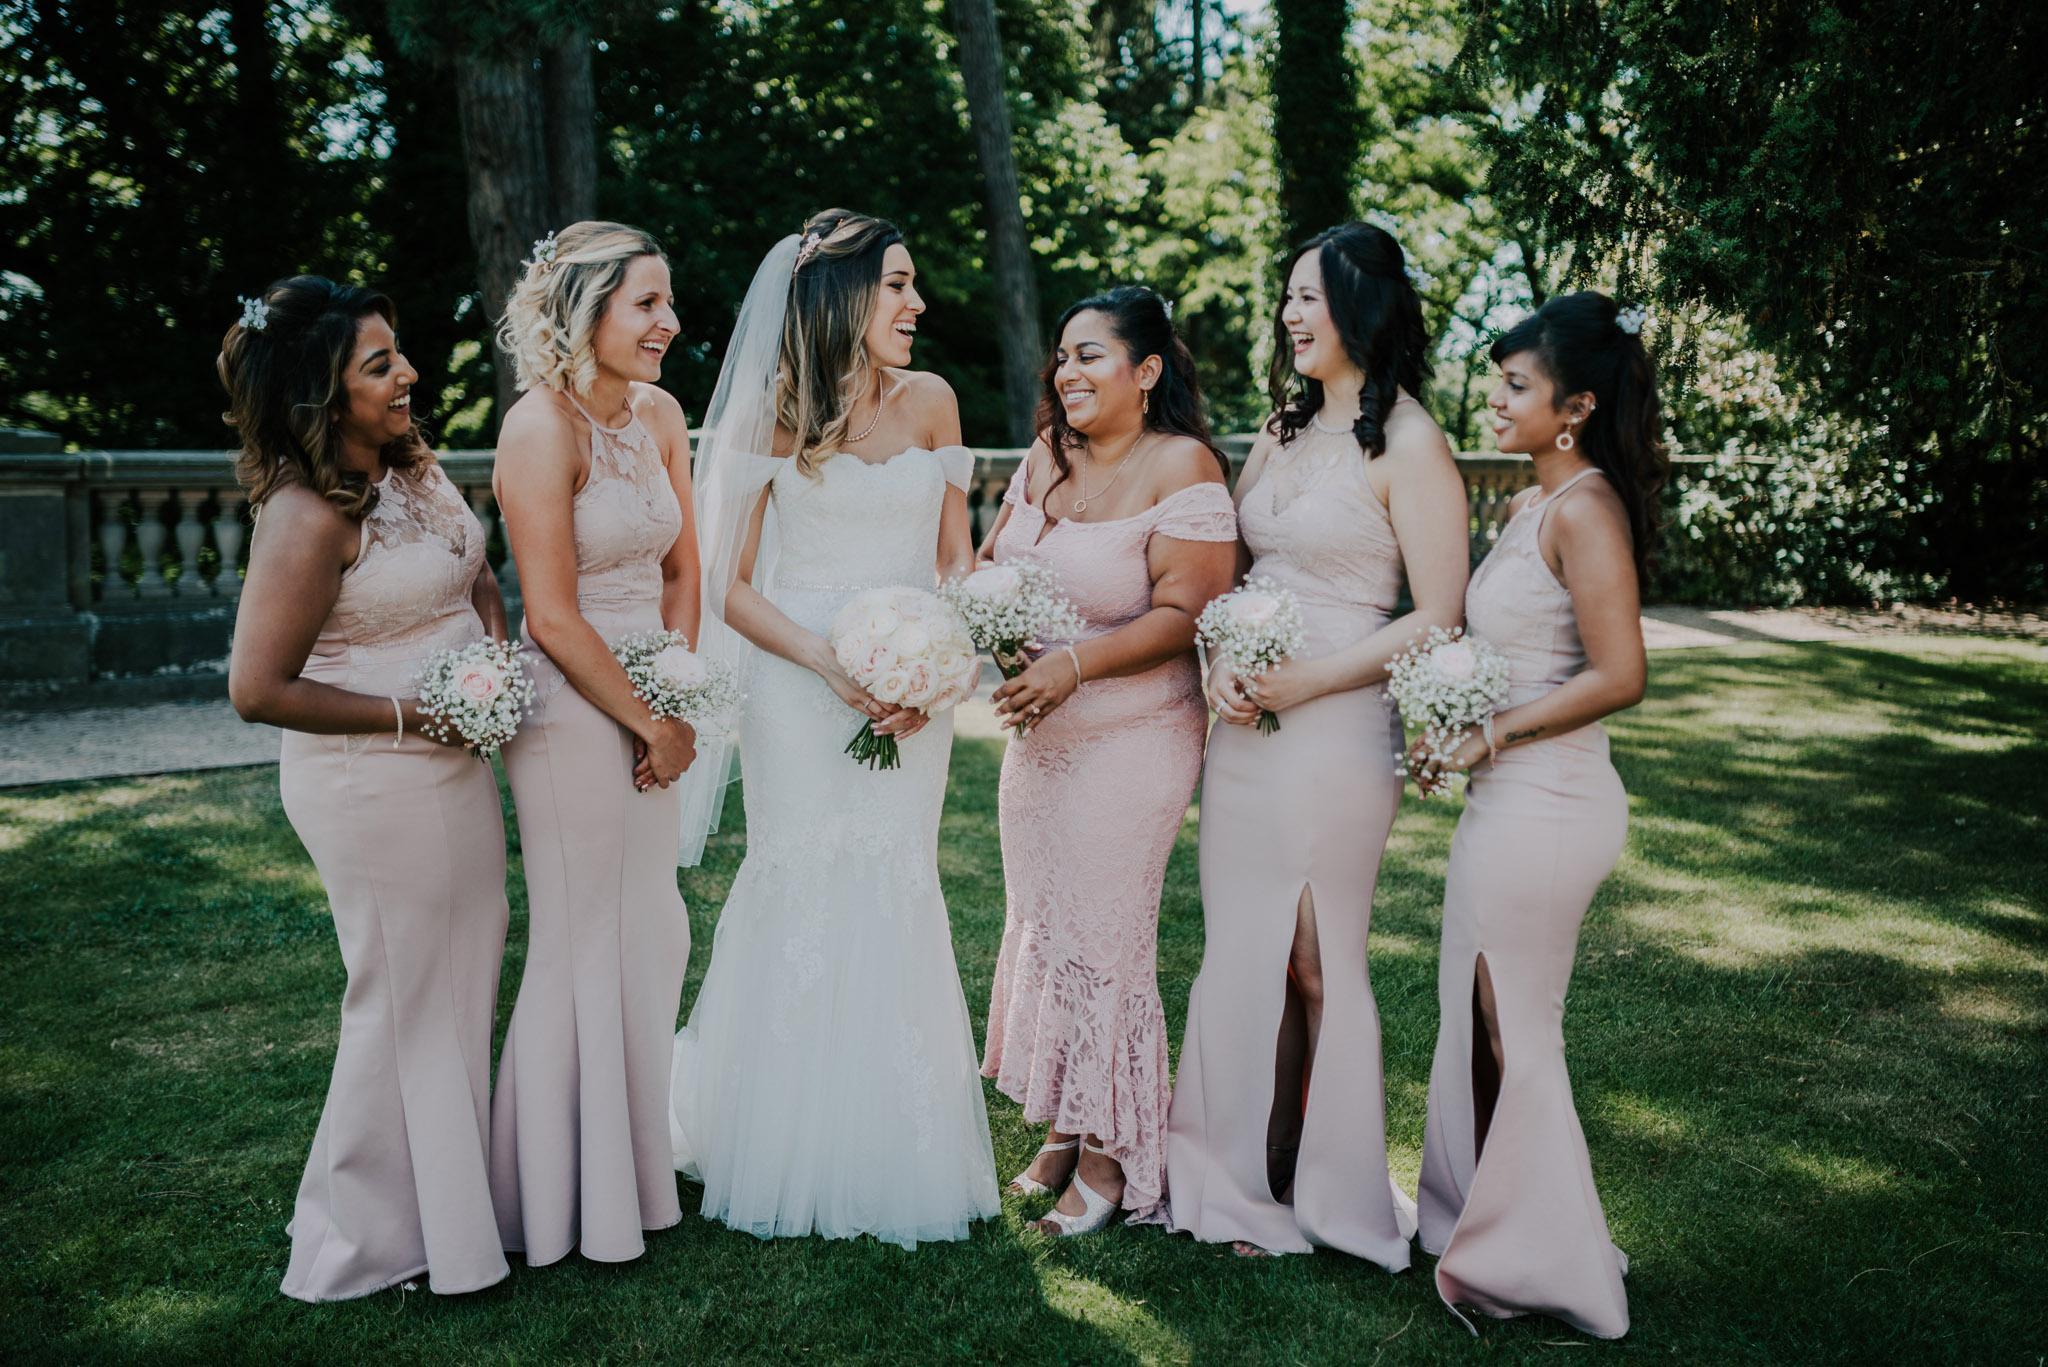 scott-stockwell-wedding-photographer-wood-norton-evesham243.jpg